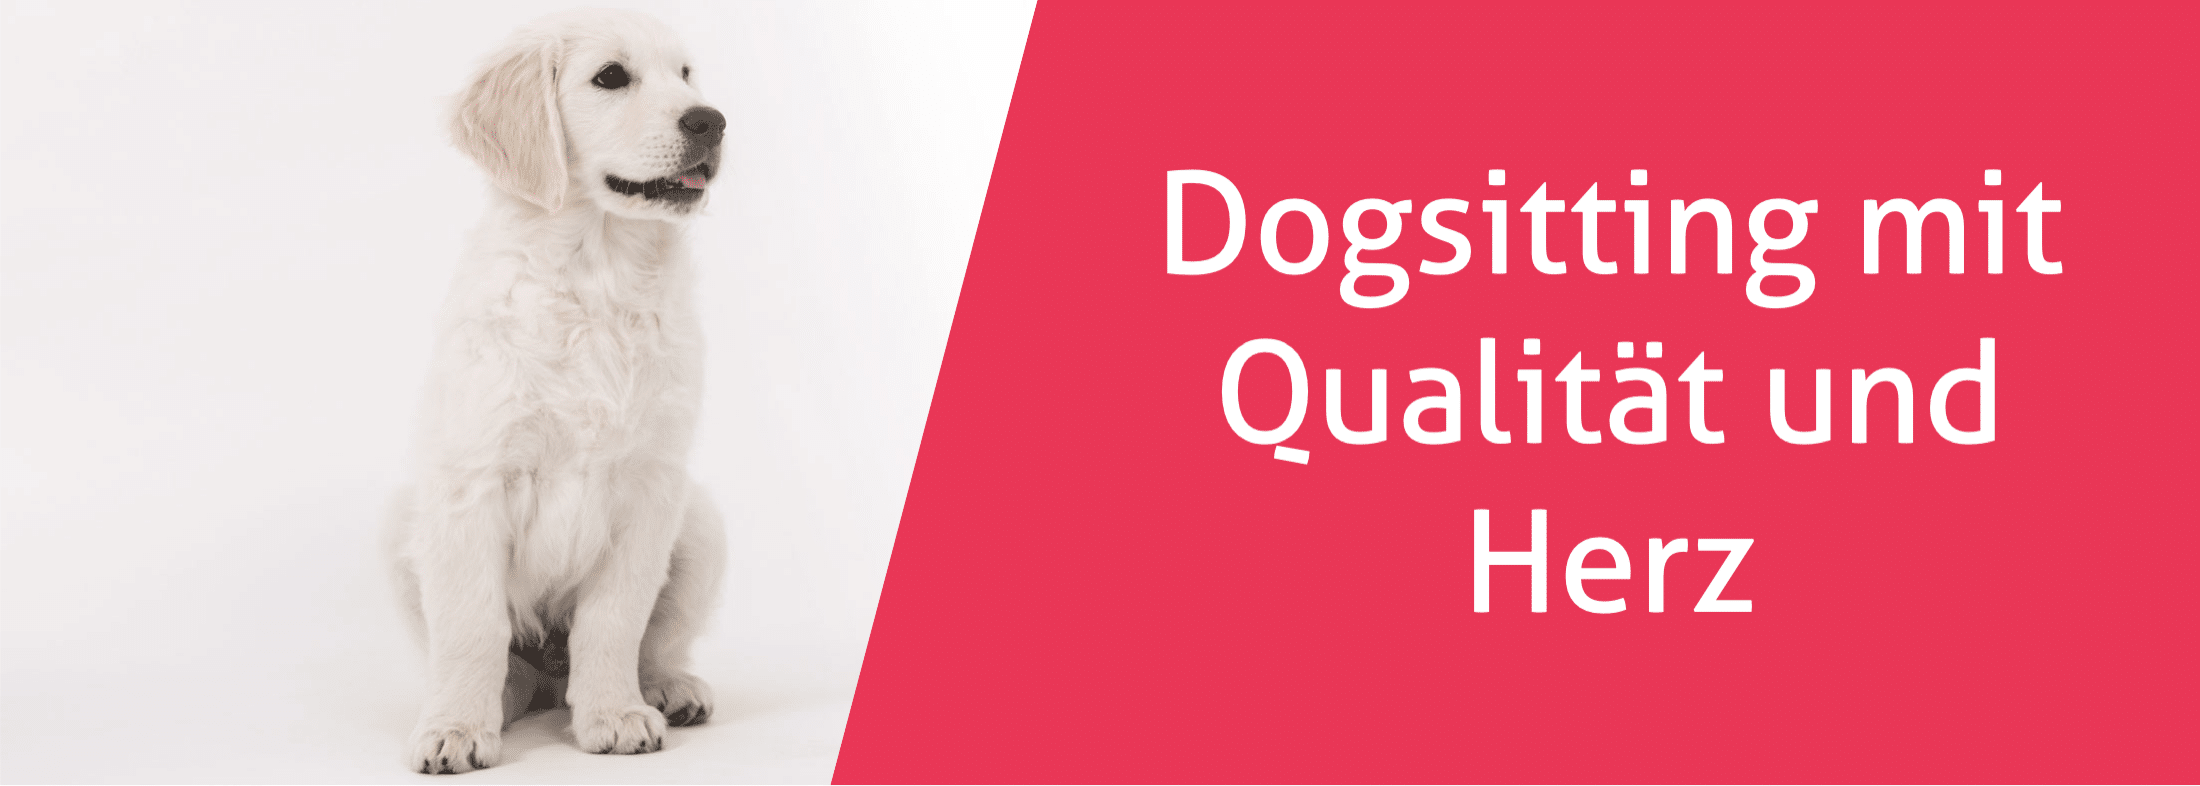 Dogsitting mit Qualität und Herz